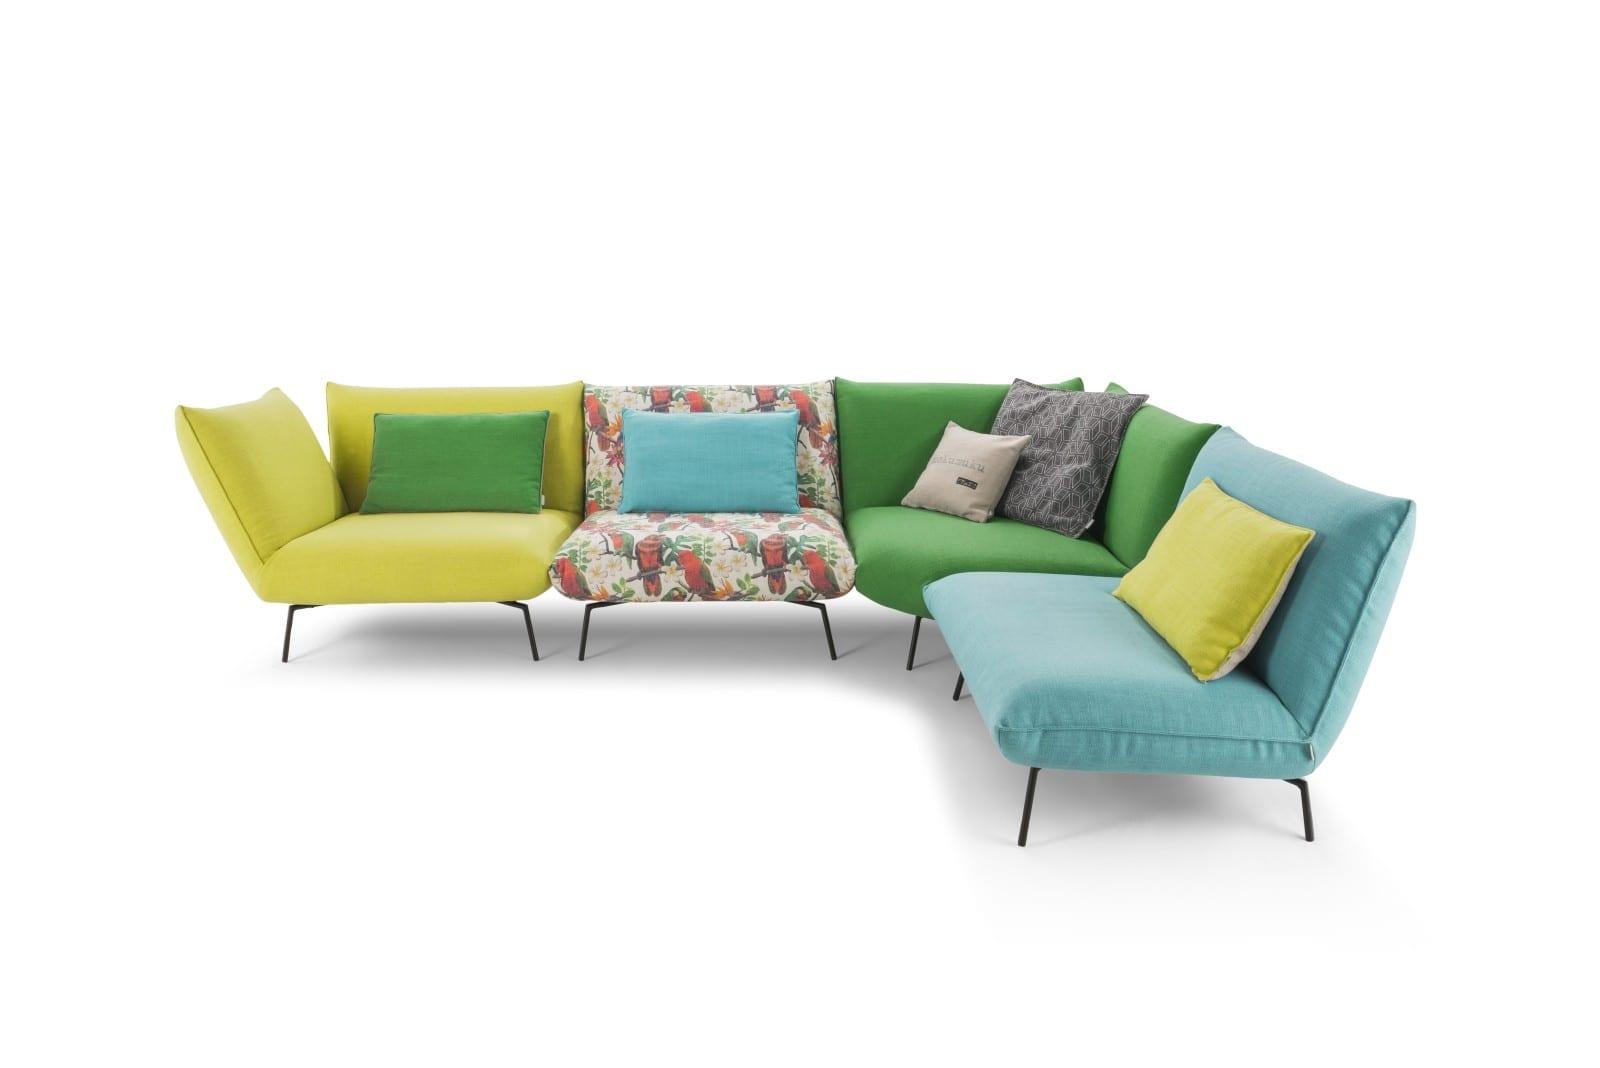 Full Size of Mokumuku Franz Bullfrog Sofa Kaufen Sessel Ecksofa Französische Betten Fertig Wohnzimmer Mokumuku Franz